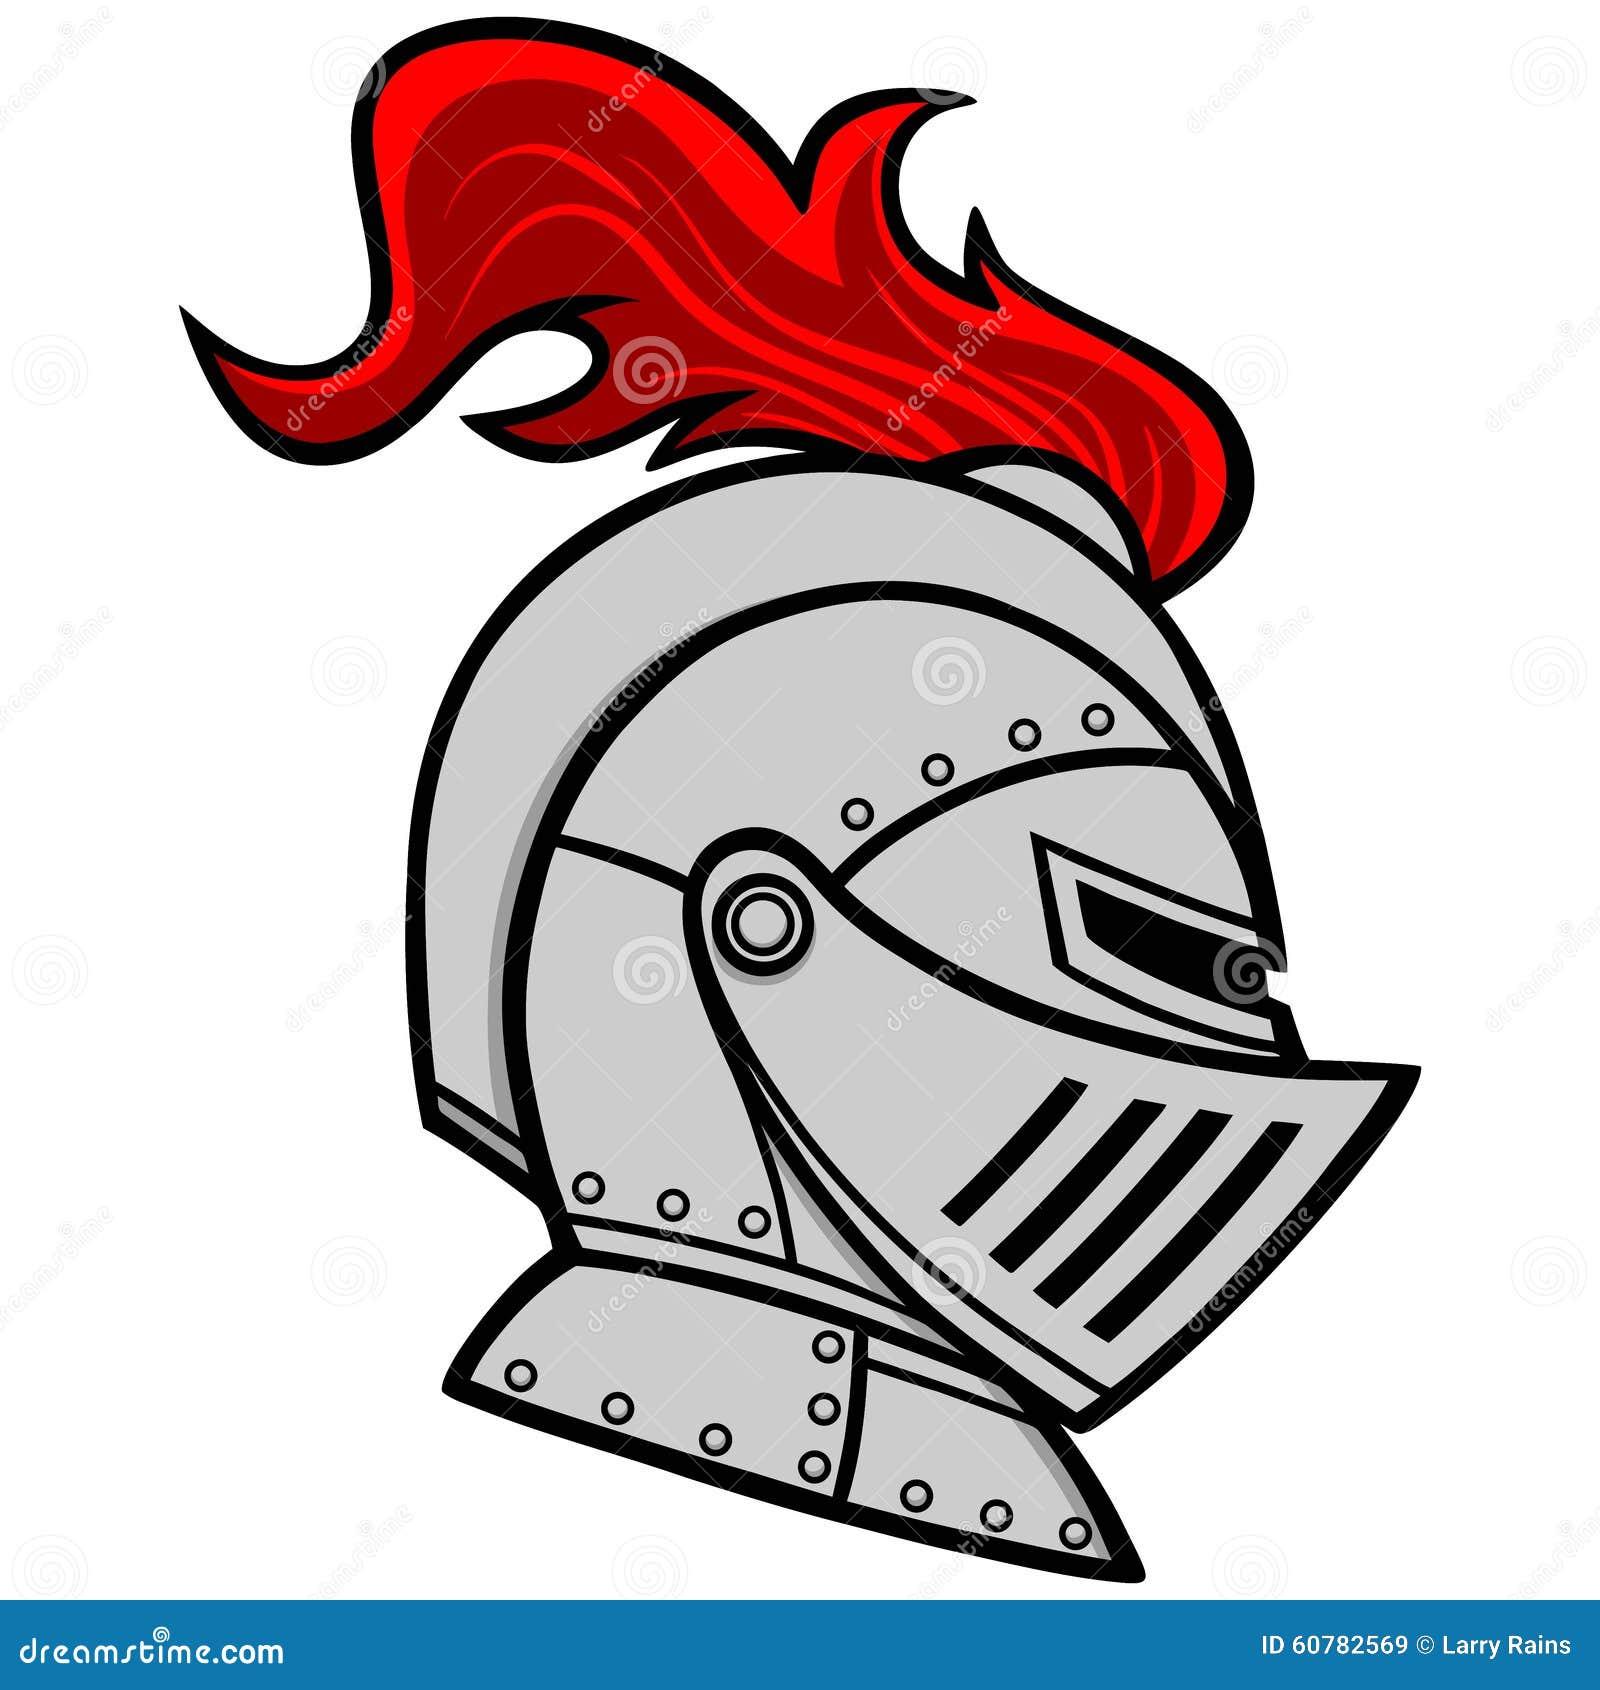 Knight helmet profile